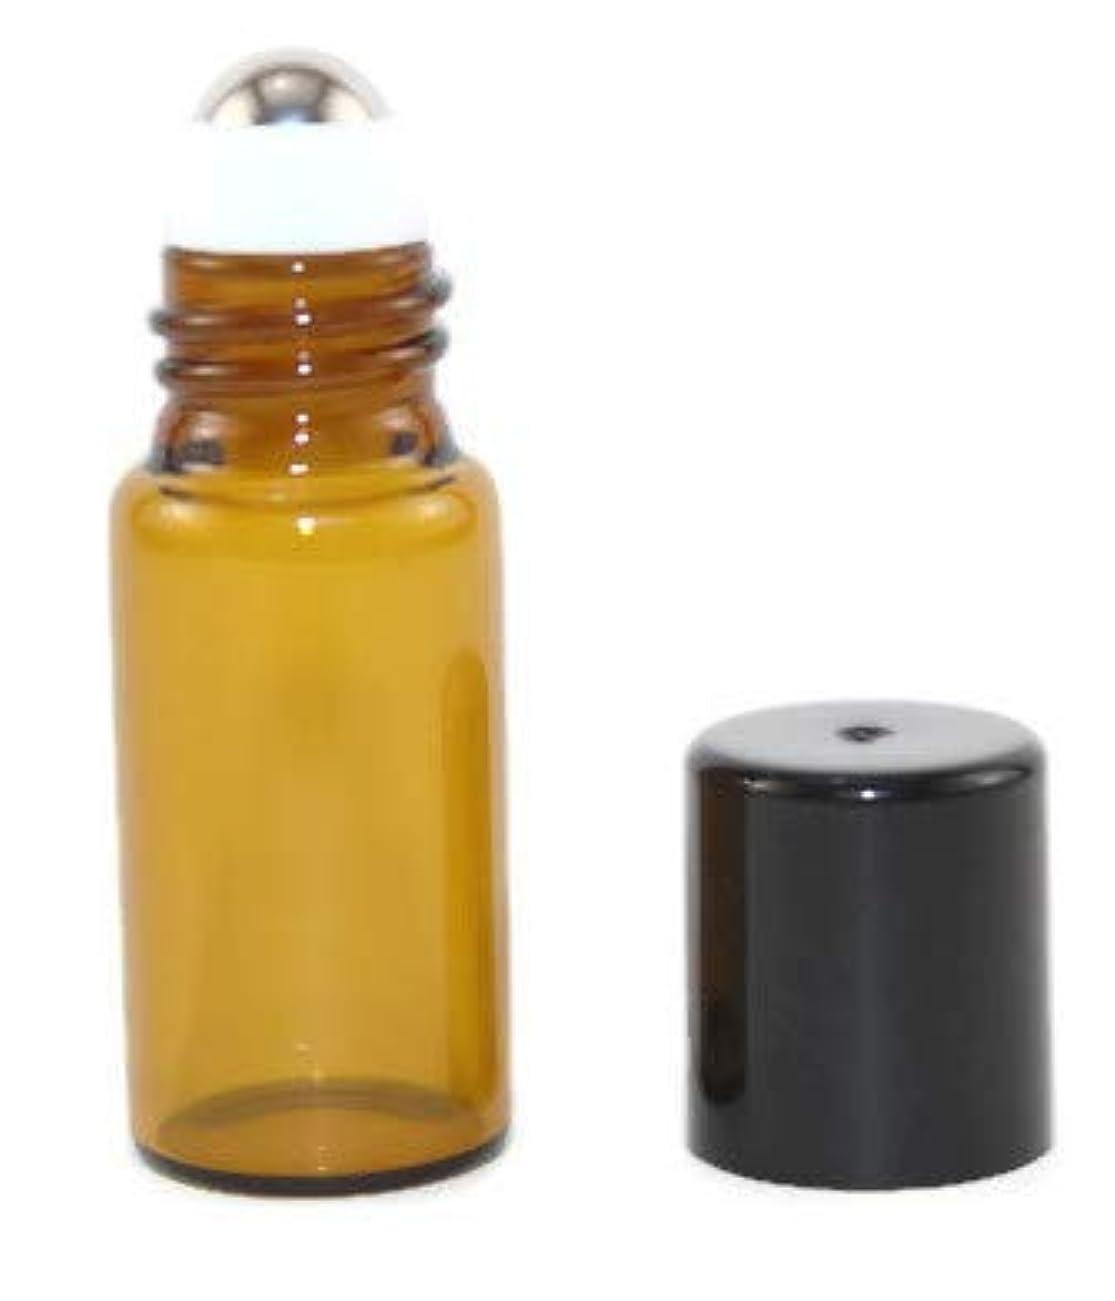 パステル受益者野なUSA 144 Amber Glass 3 ml Mini Roll-On Glass Bottles with Stainless Steel Roller Balls - Refillable Aromatherapy...